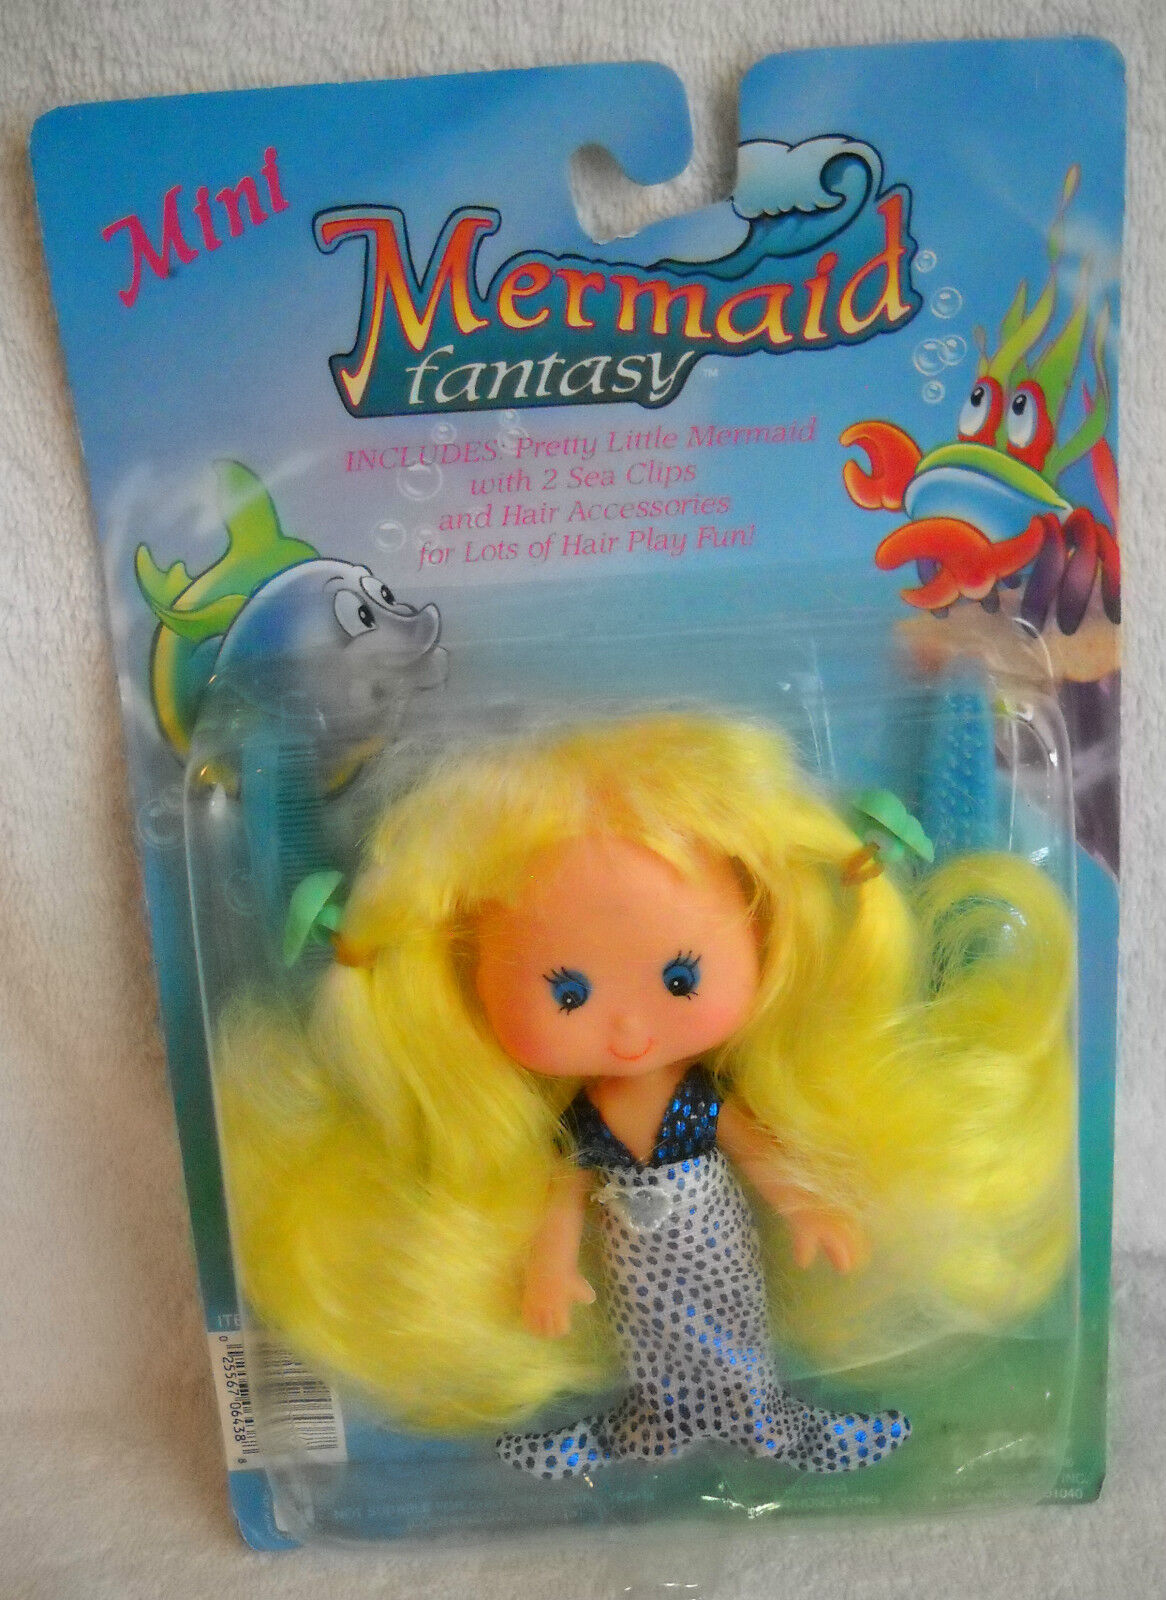 Nrfc Vintage TOTSY Mini sirena muñeca de fantasía con cabello amarillo